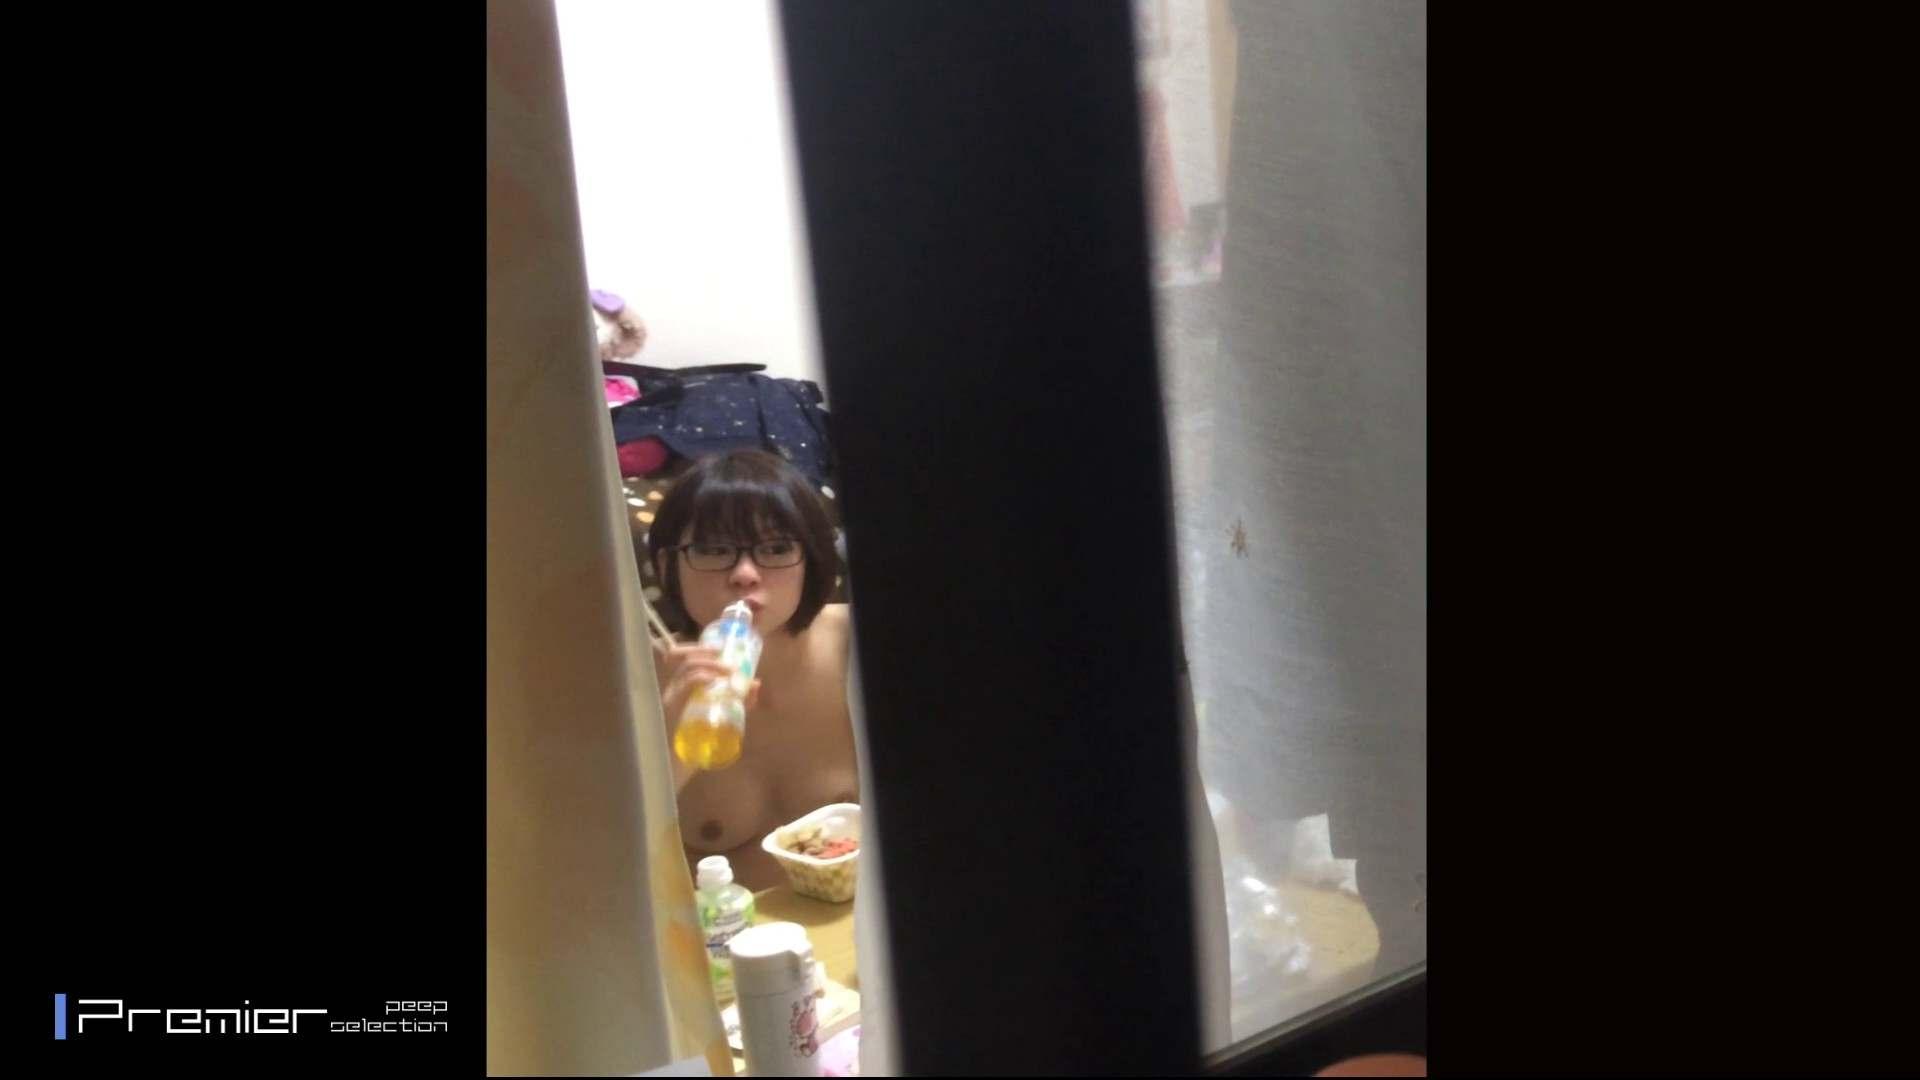 眼鏡美女の食事を隠し撮り 乙女の風呂場 Vol.05 美女達のヌード | 入浴シーン  95連発 68